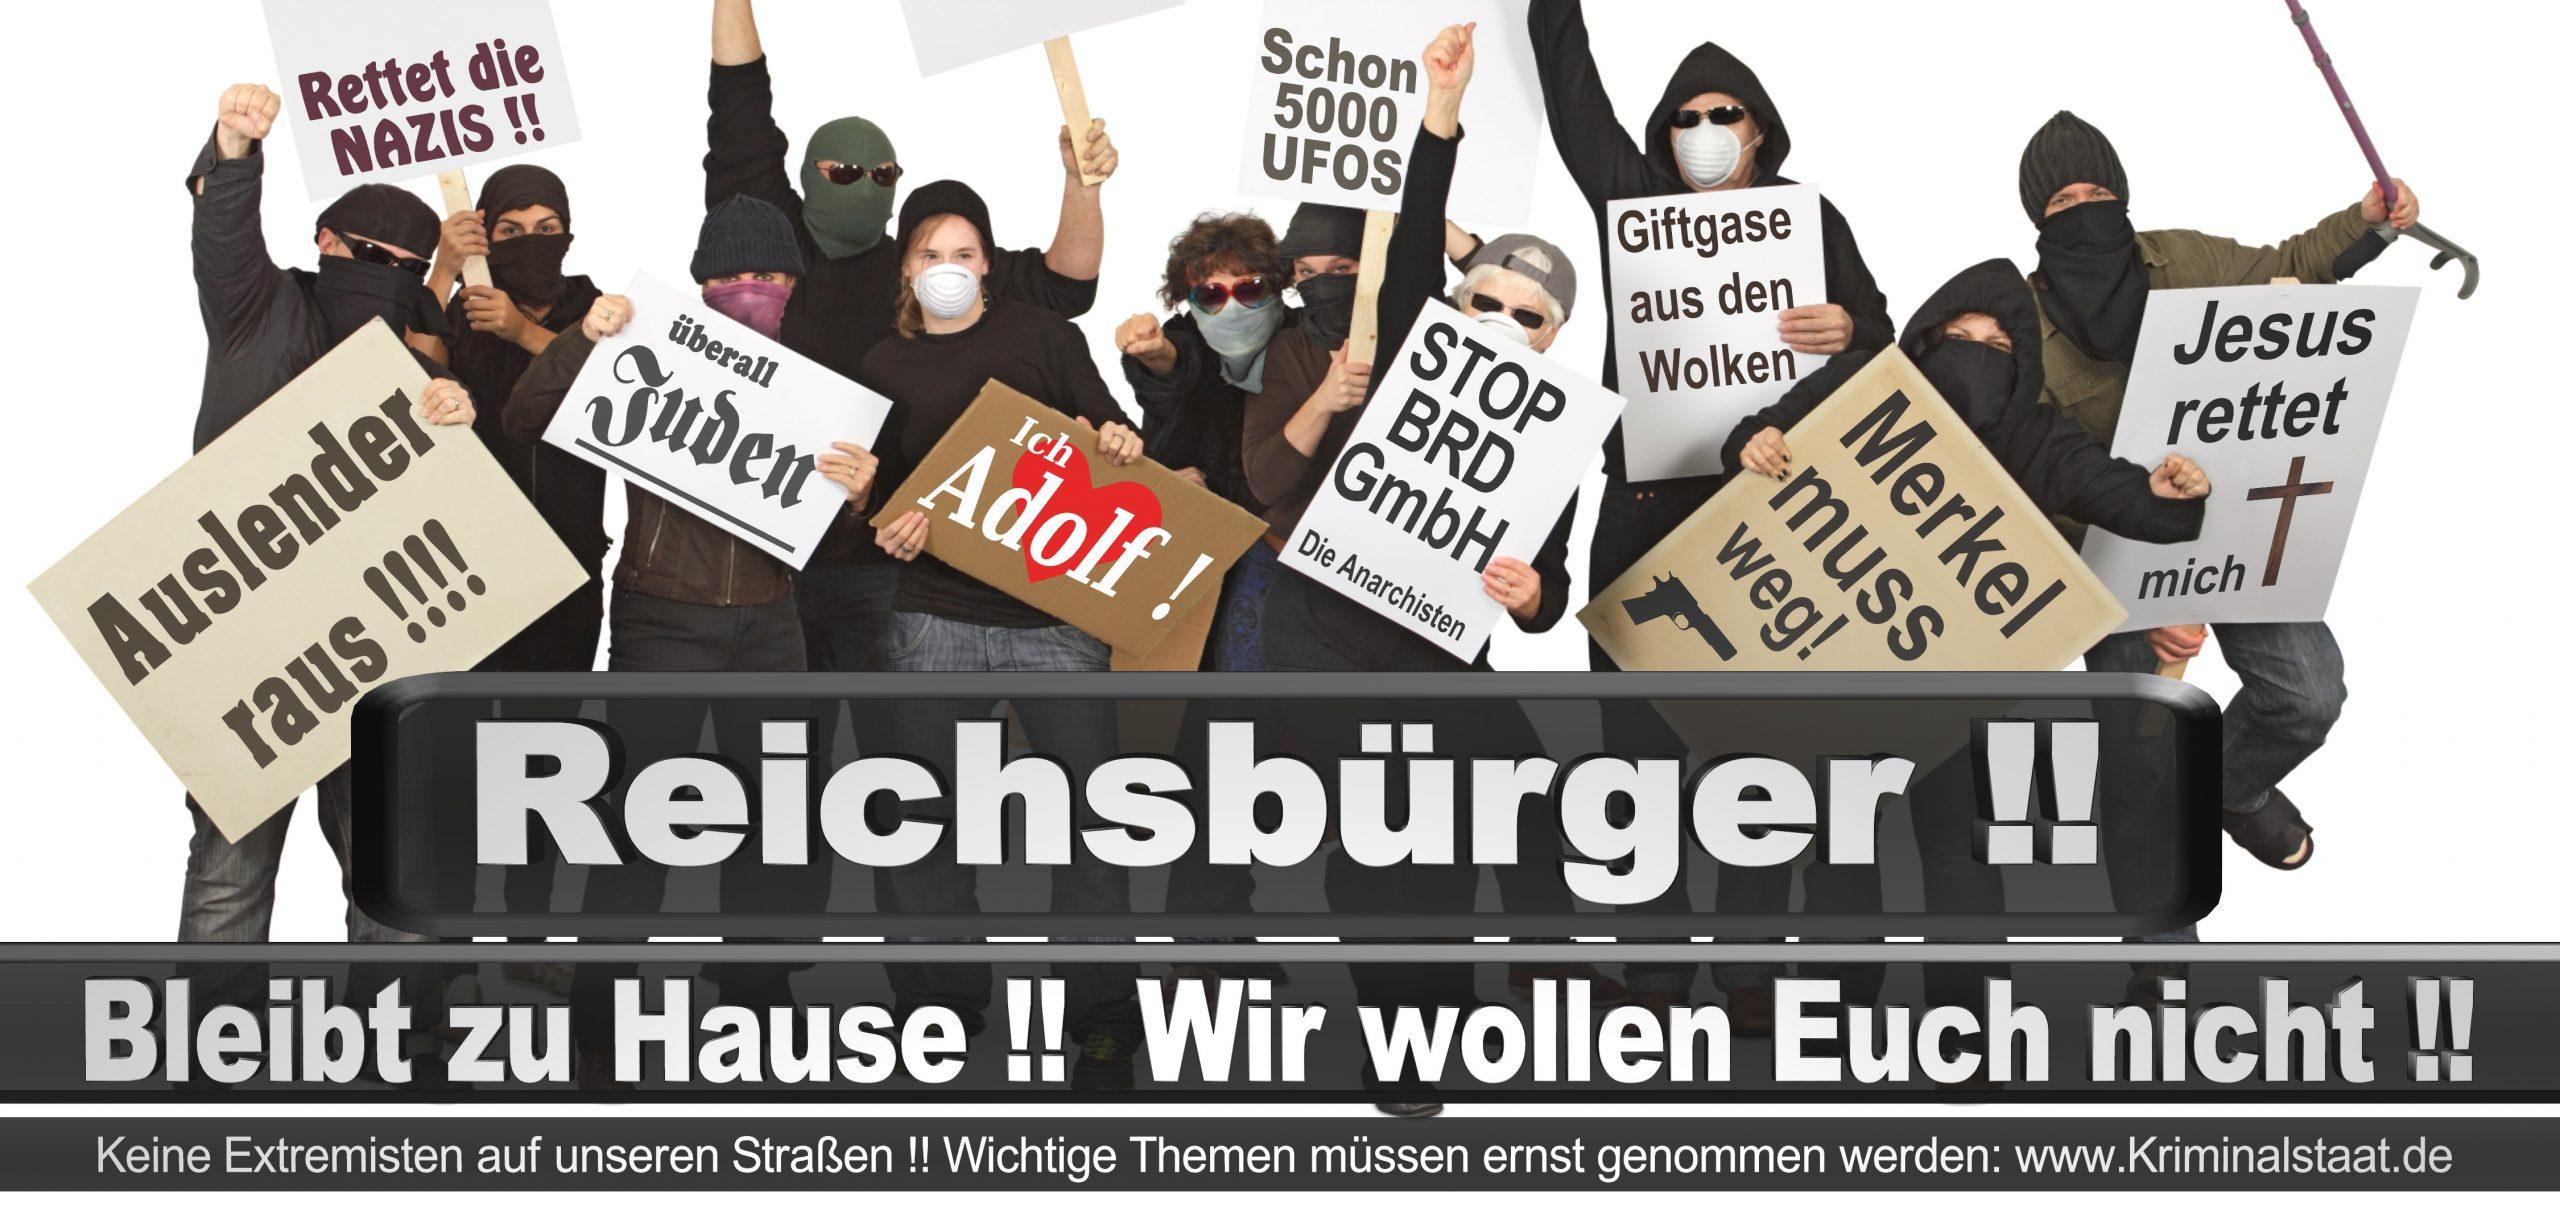 Bundestagswahl 2021 Wahlplakate CDU SPD FDP AFD Grüne Linke Stimmzettel Prognose Umfrage Kandidaten Parteien Datum (11)